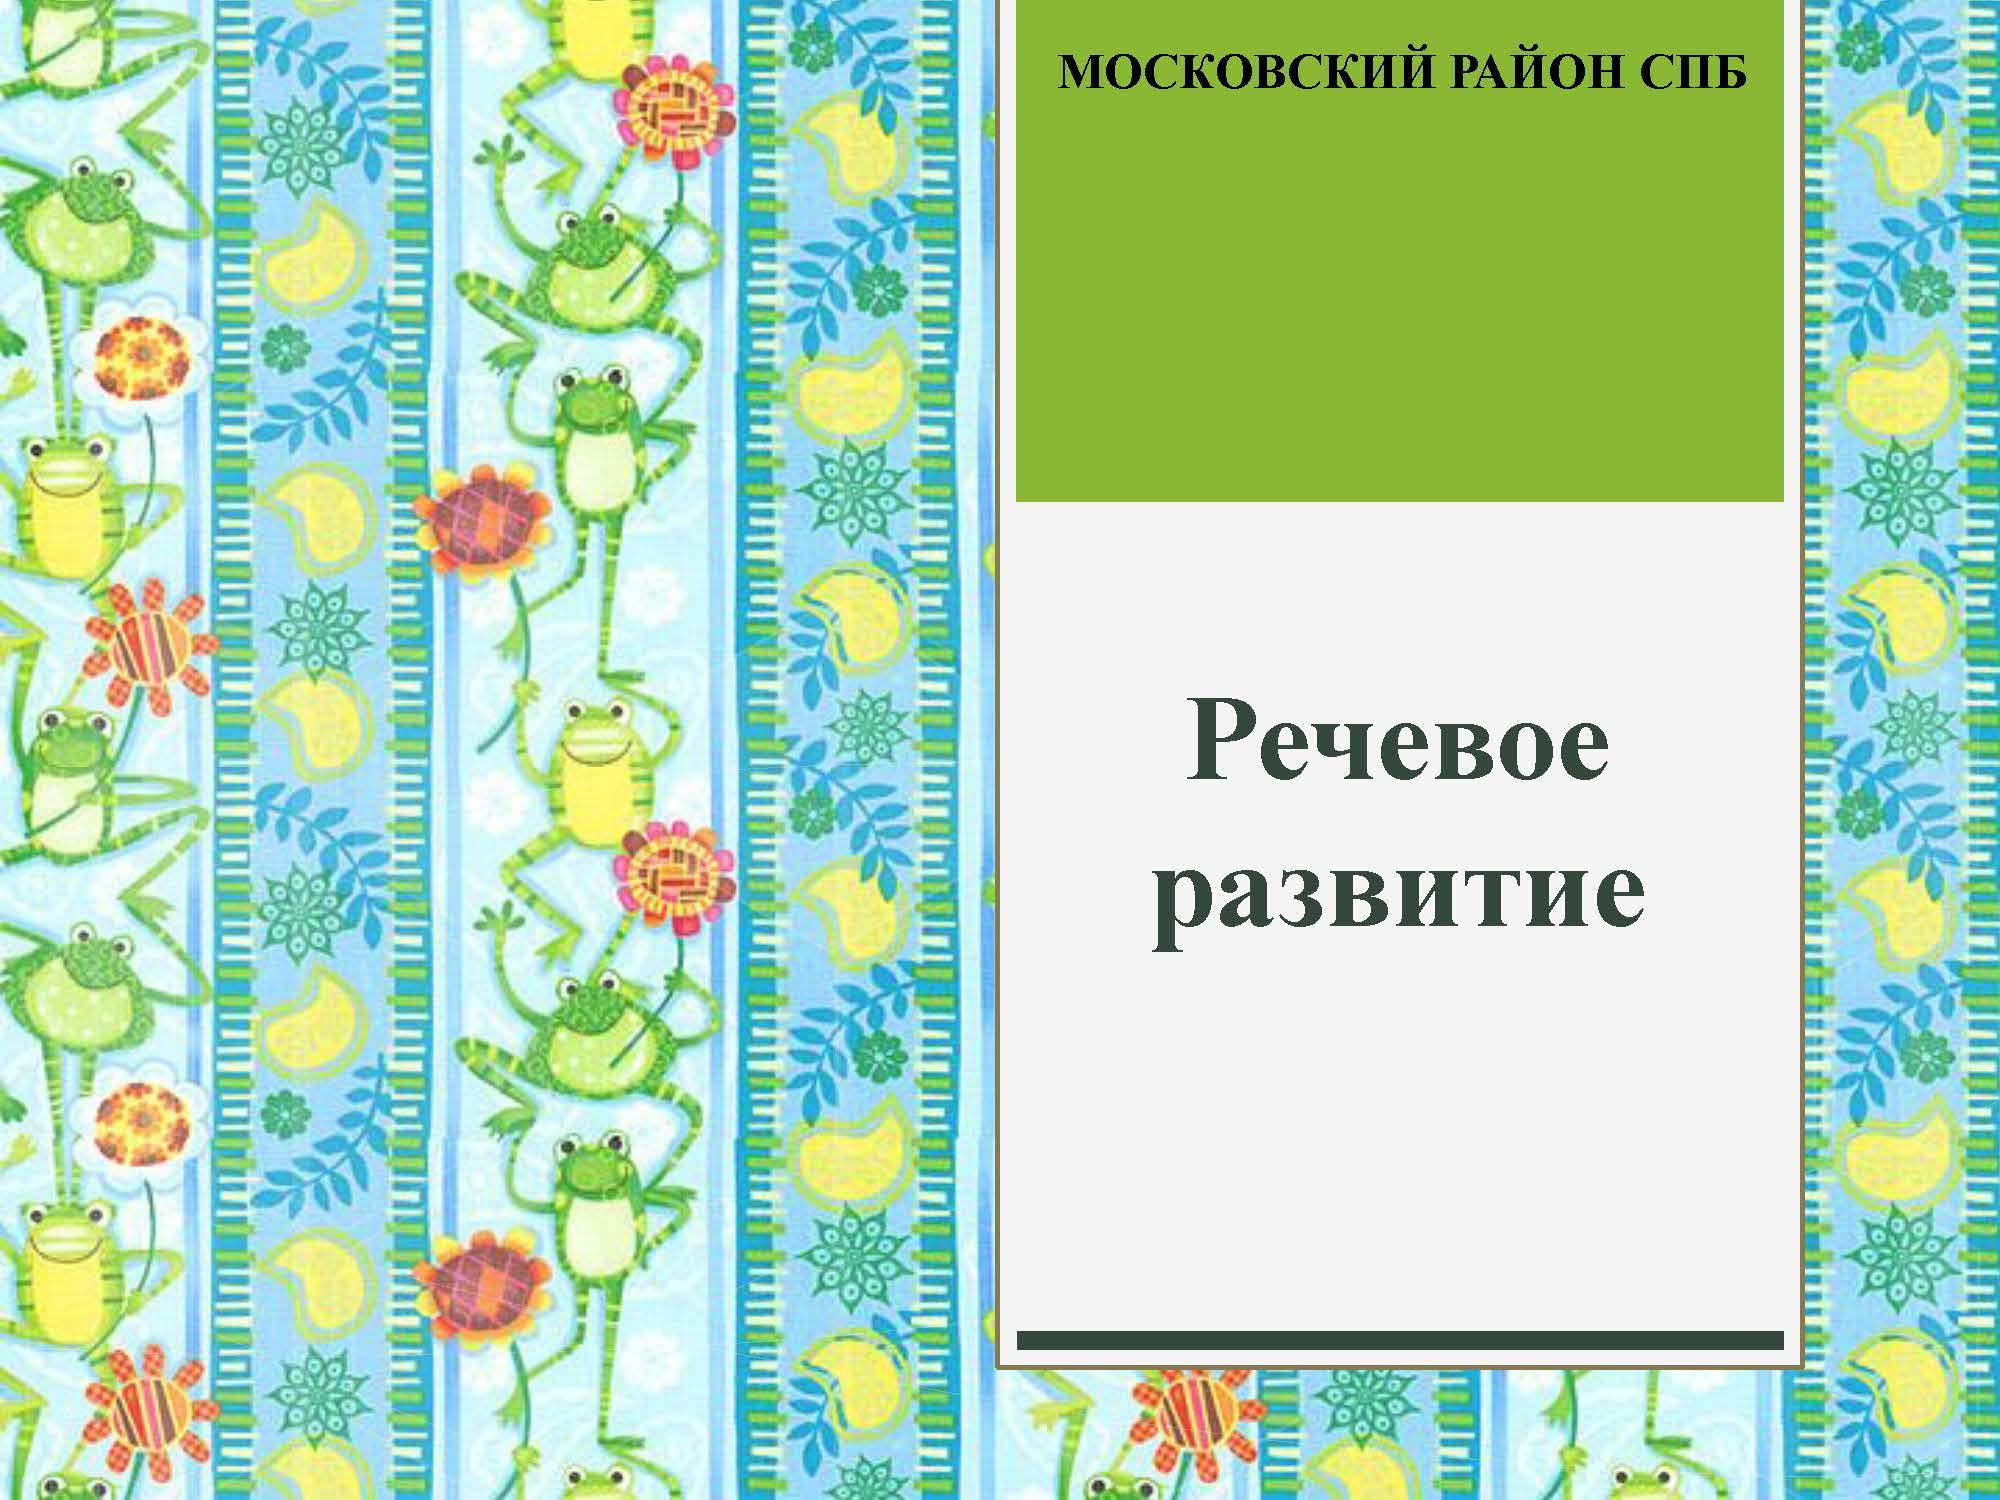 секция 8. ДОУ 104. Московский район_Страница_11